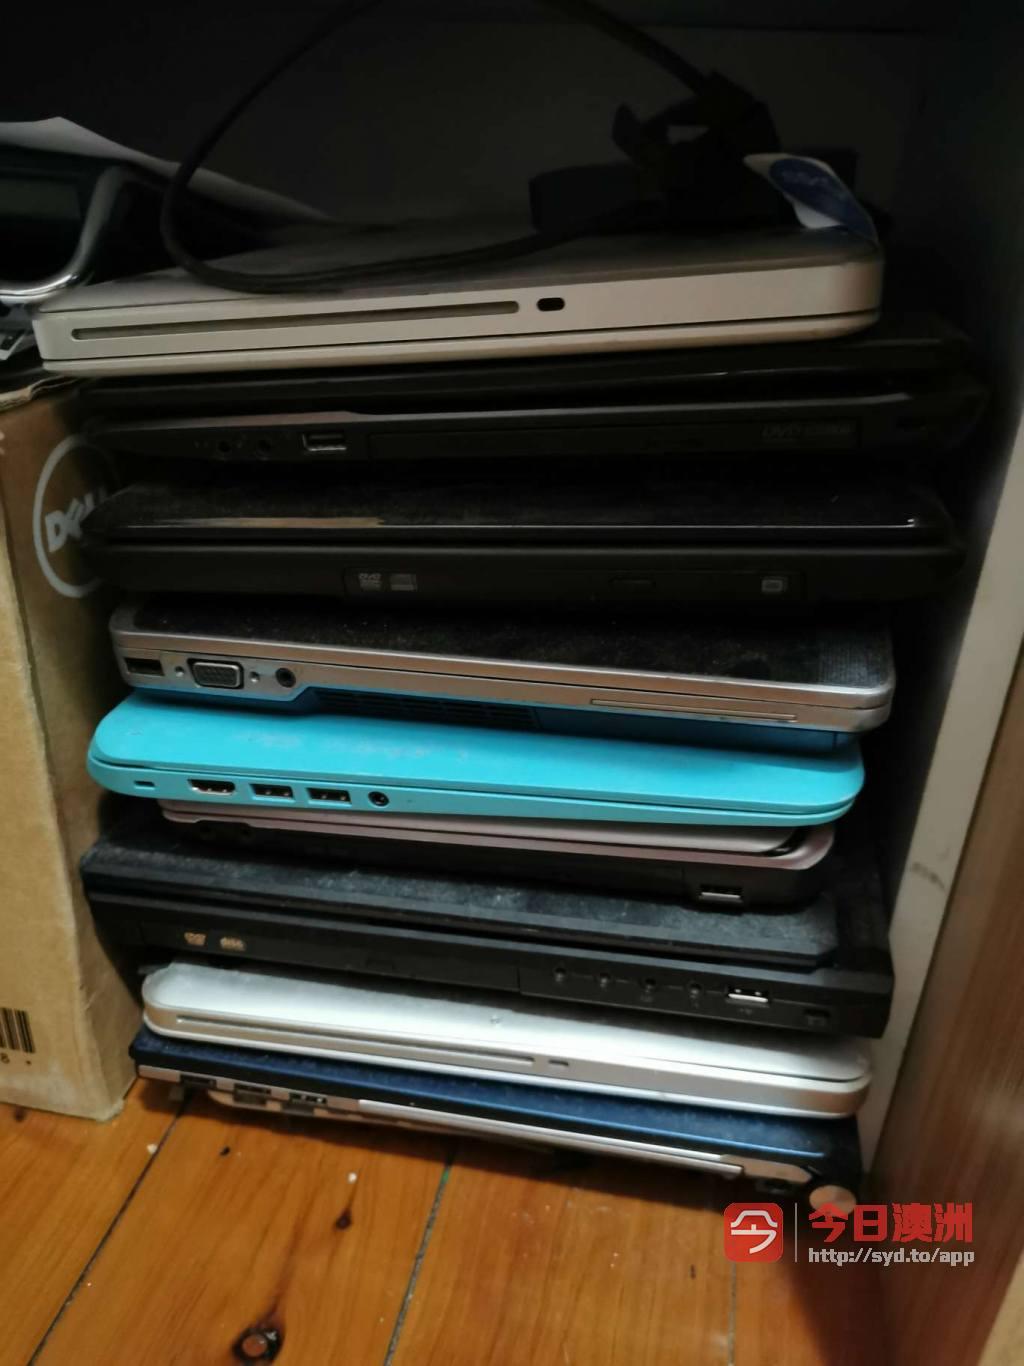 电脑回收专业上门回收电脑台式笔记本好坏都收